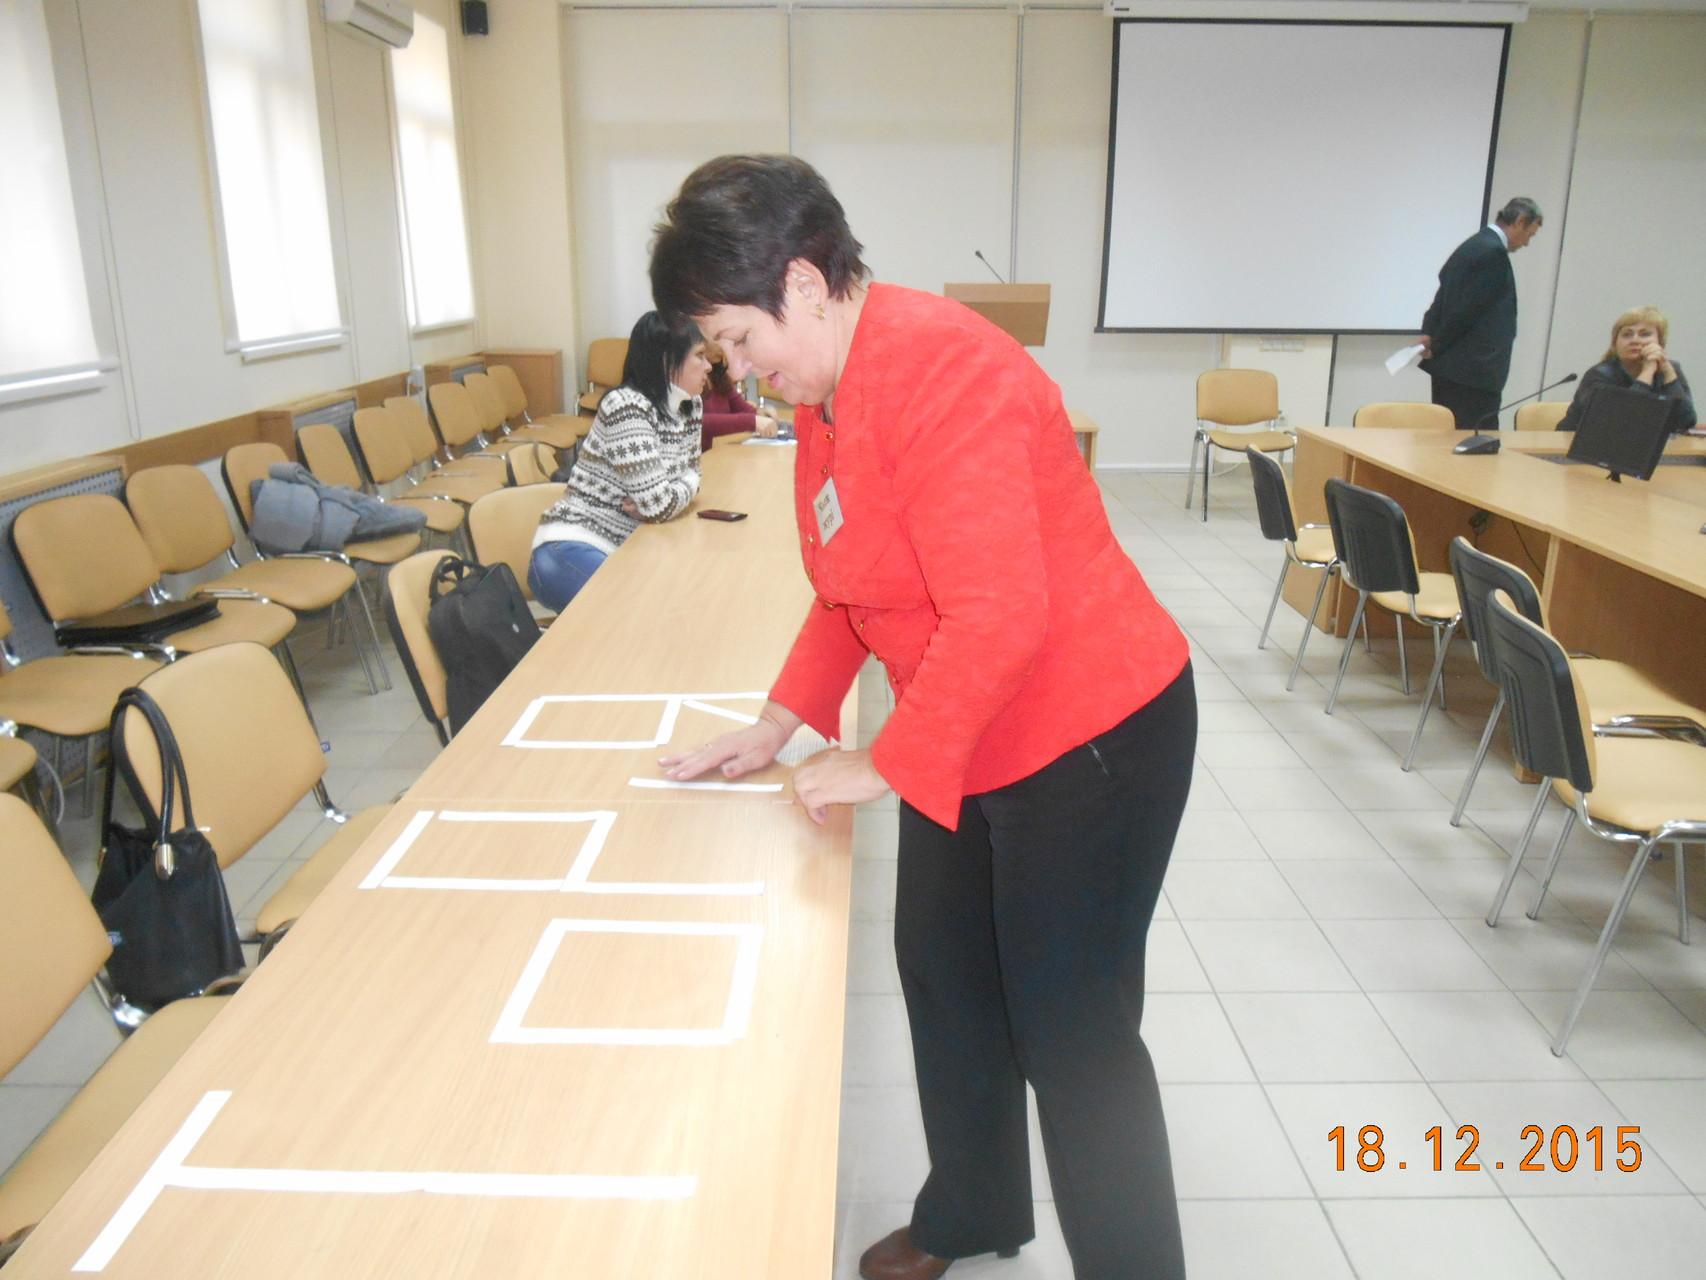 Валентина Ващенко, член журі, у творчому процесі